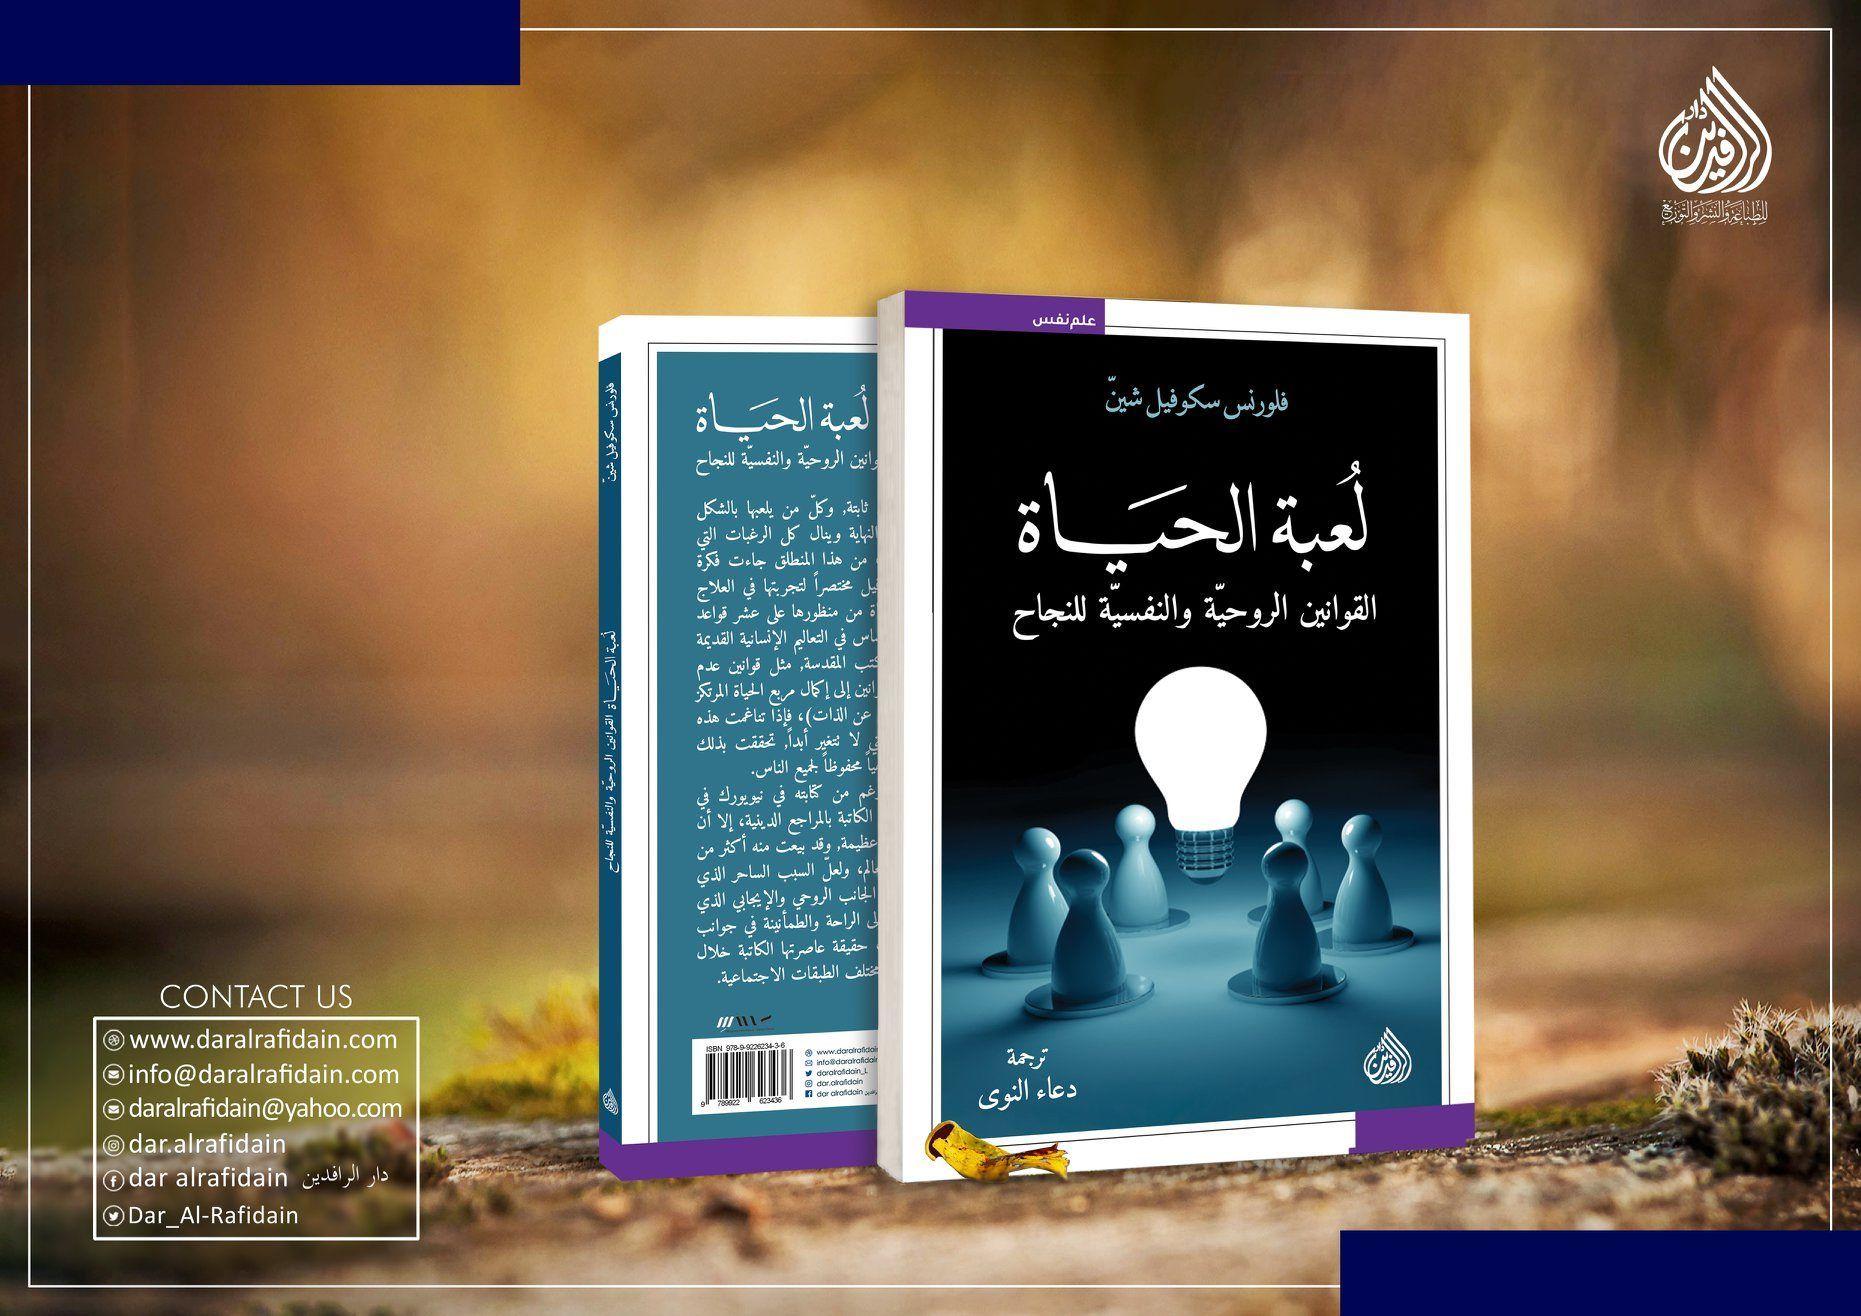 لعبة الحياة Book Cover Books Cover